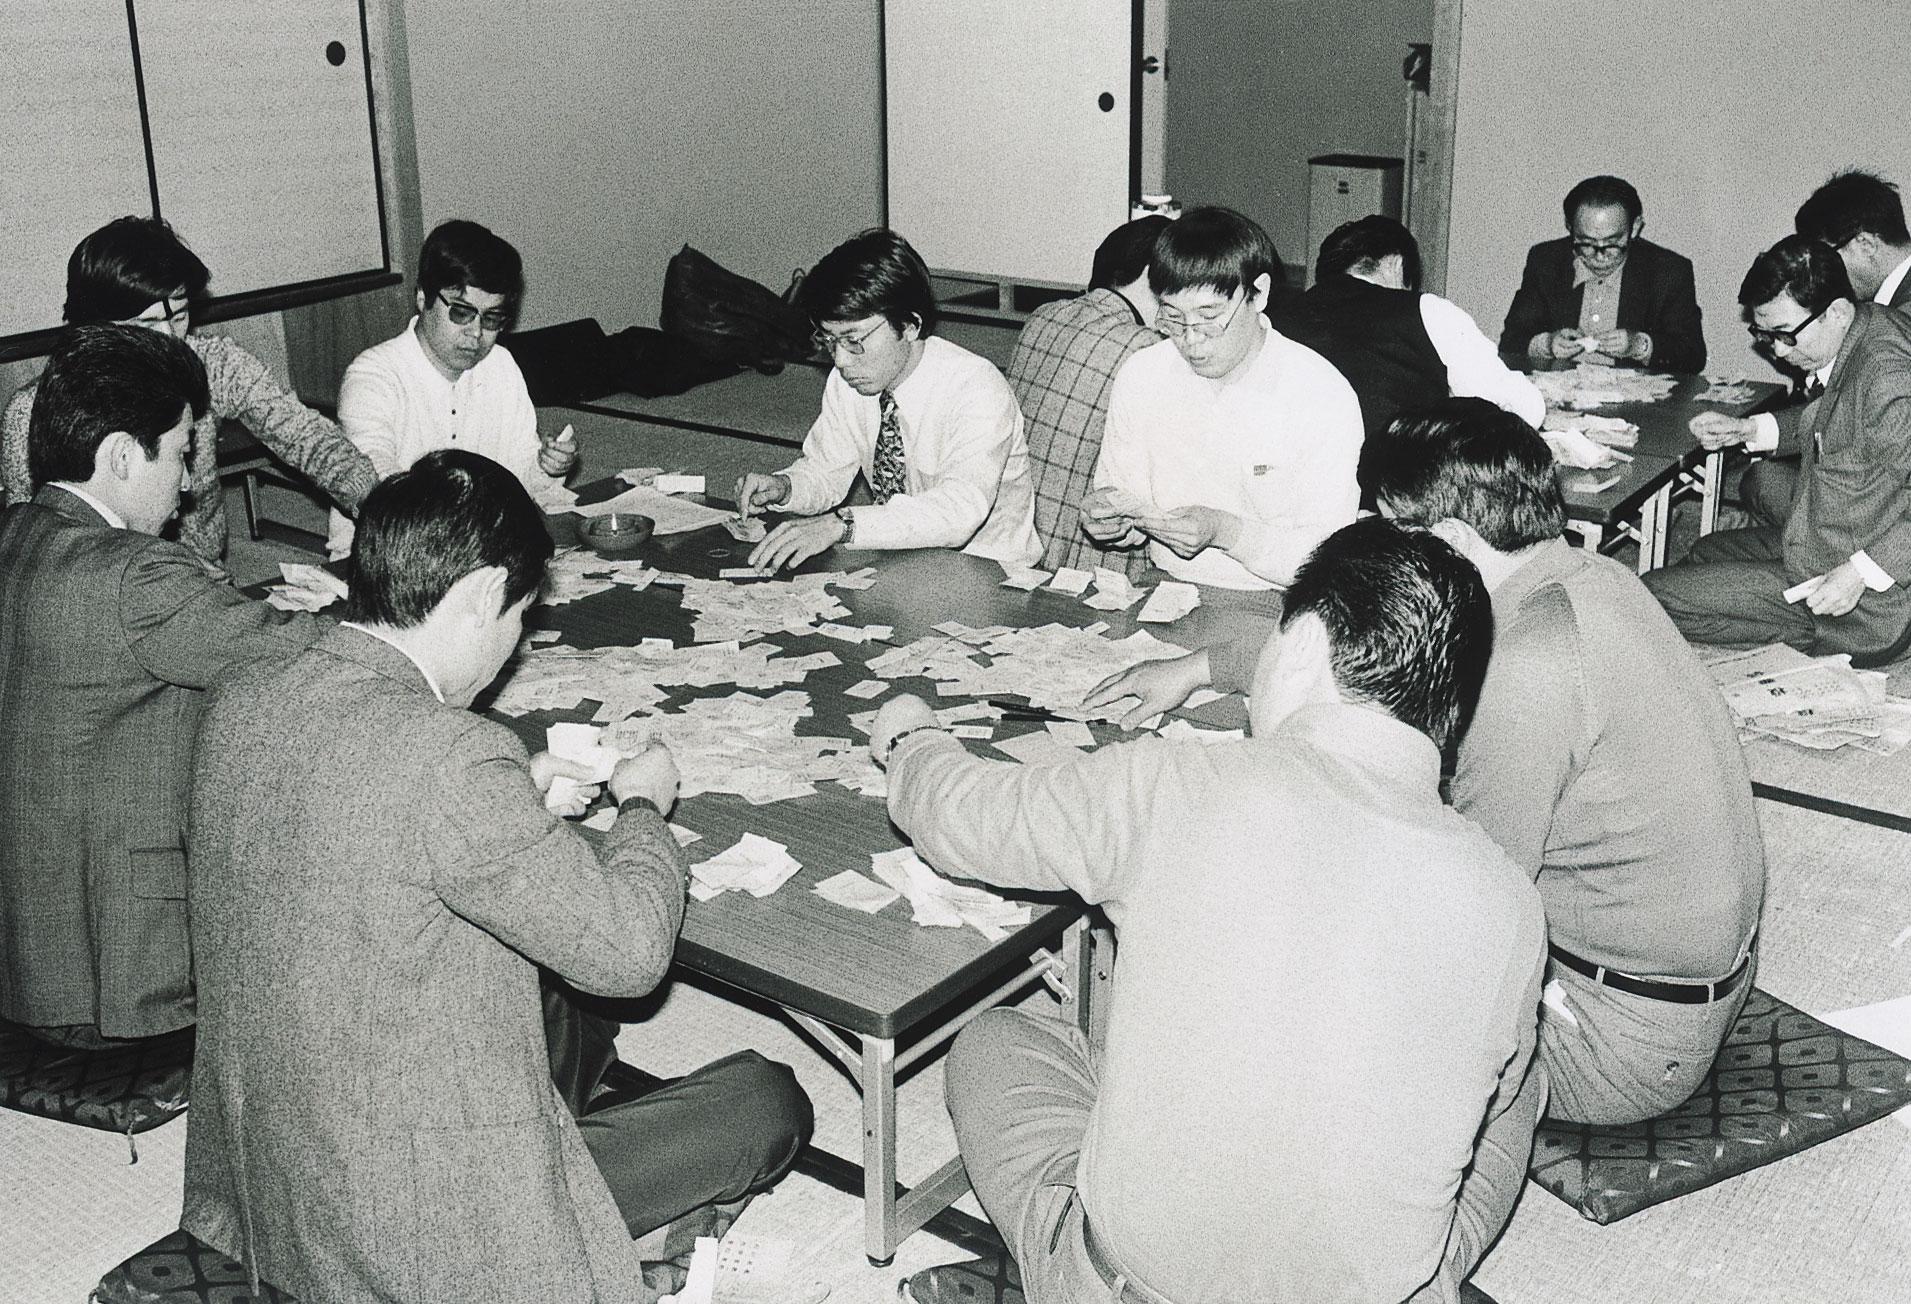 77国民春闘スト批准投票